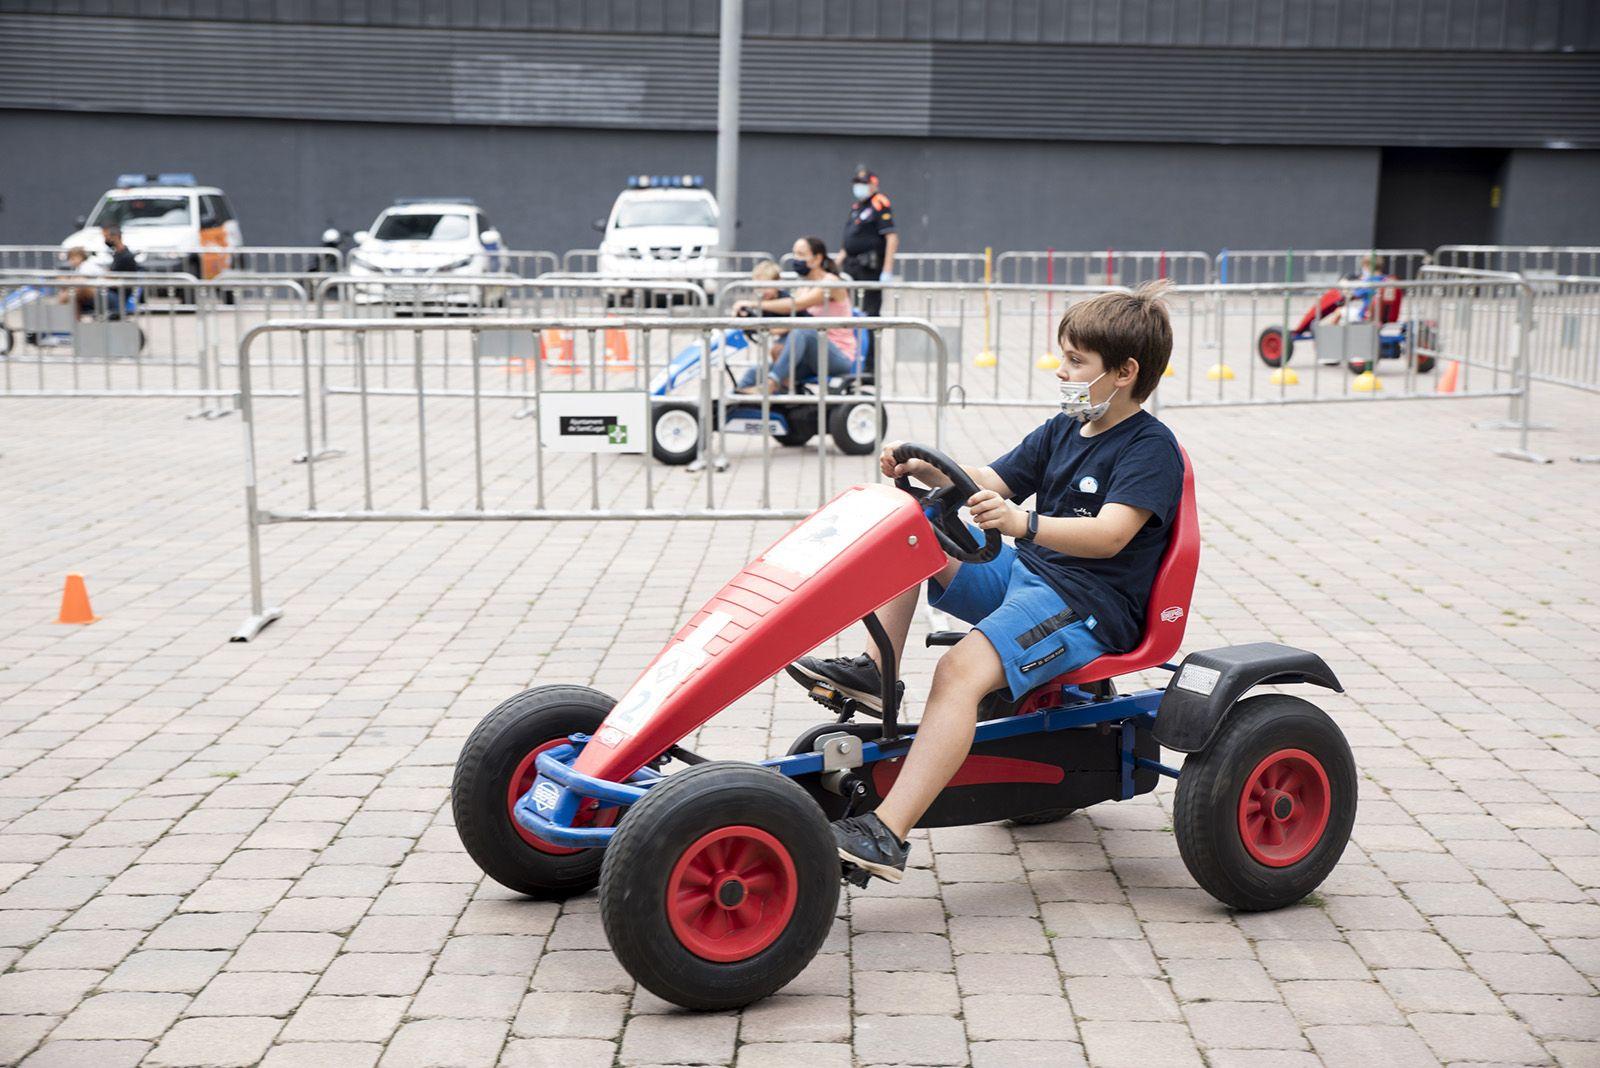 Circuit educació vial amb cars. Foto: Bernat Millet.